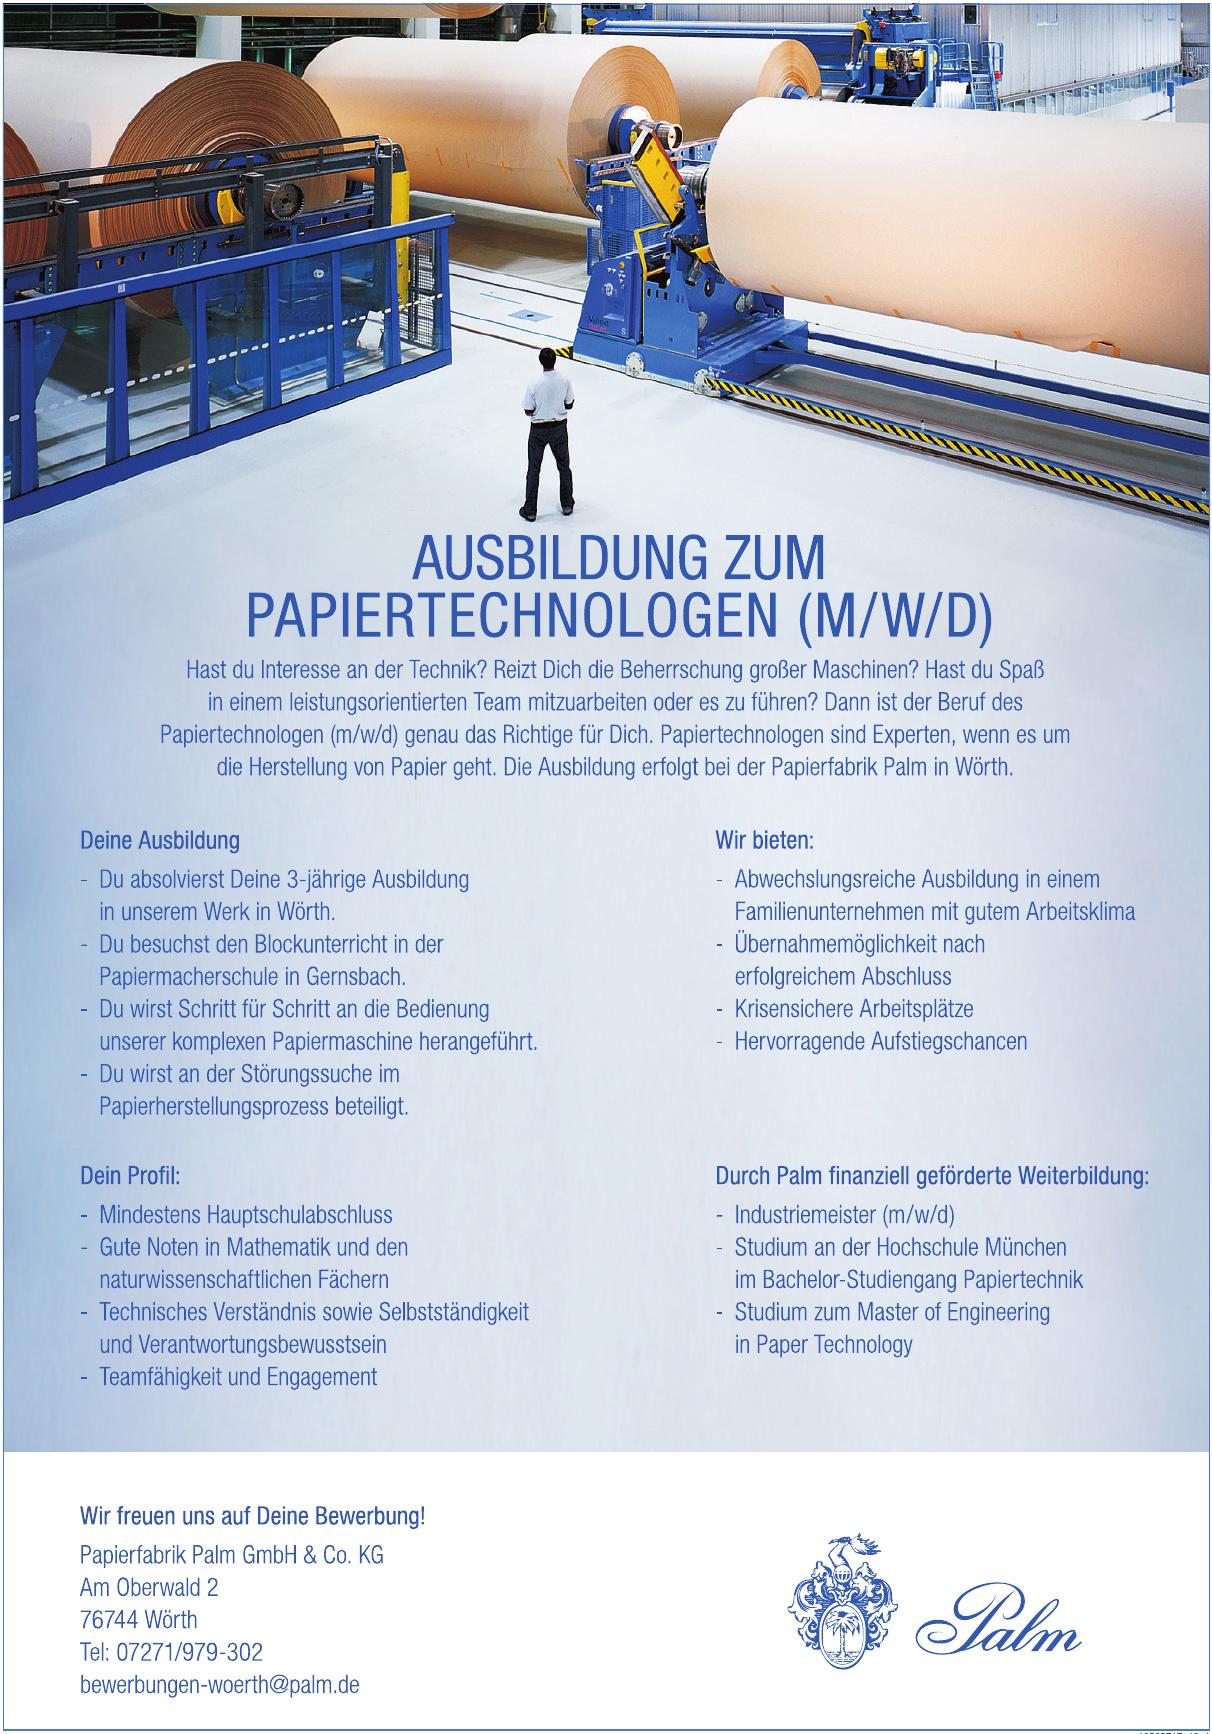 Papierfabrik Palm GmbH & Co. KG